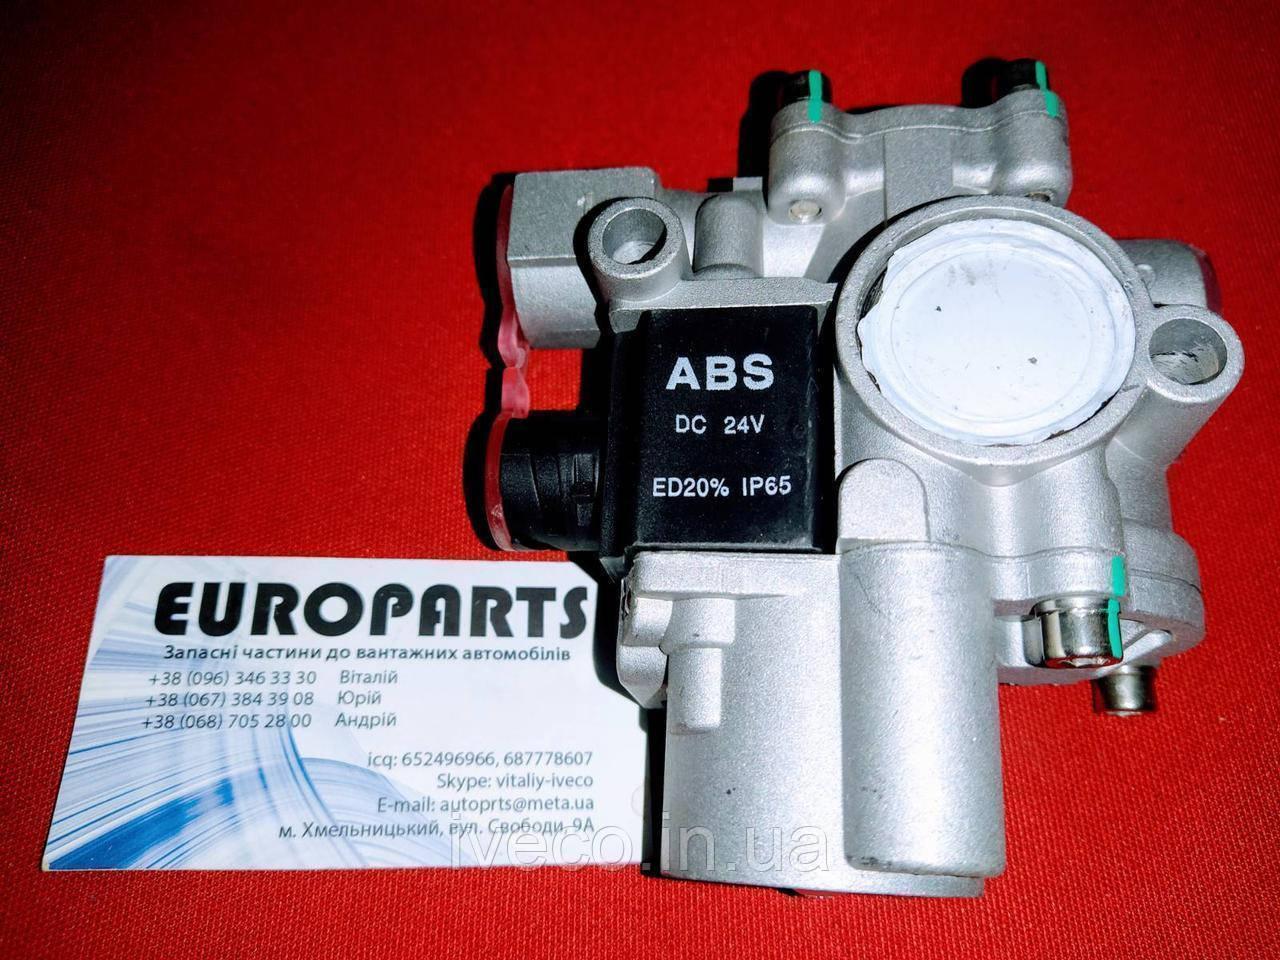 Модулятор системы ABS Mercedes 004429654 4721950160 Рено 4721950020 4721950180 4721950560 4721950580